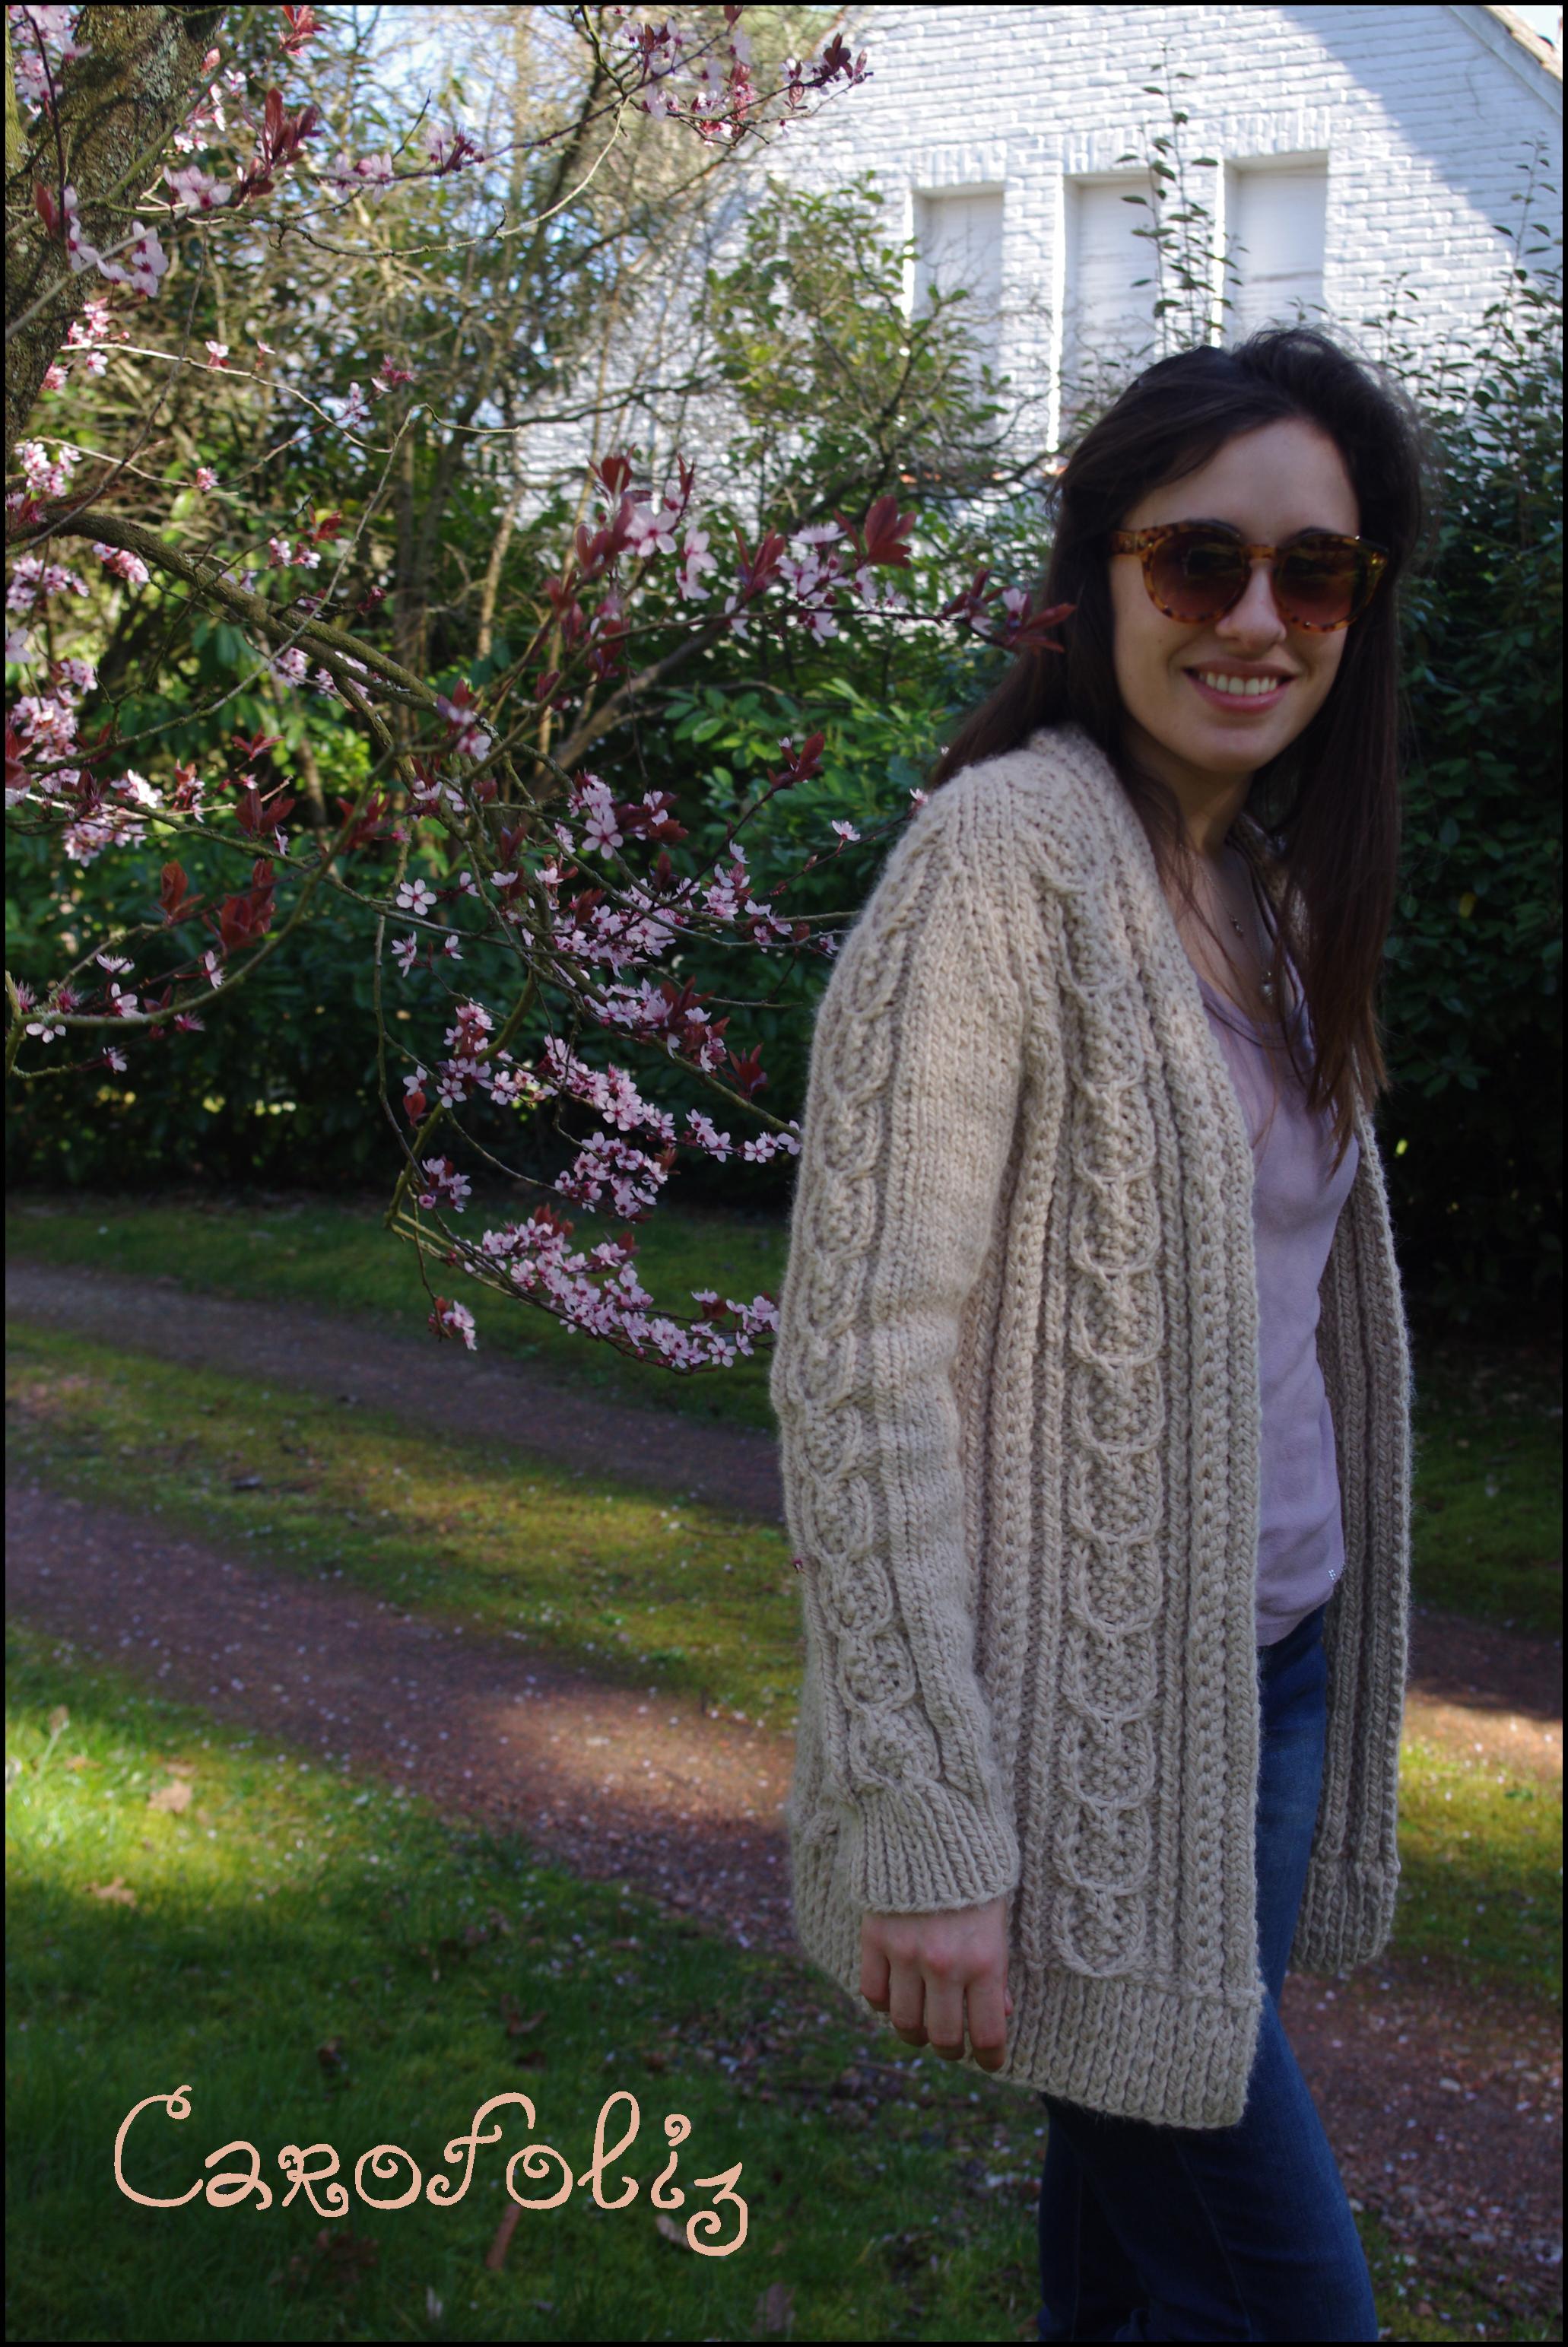 Modele de gilet en tricot pour femme gratuit